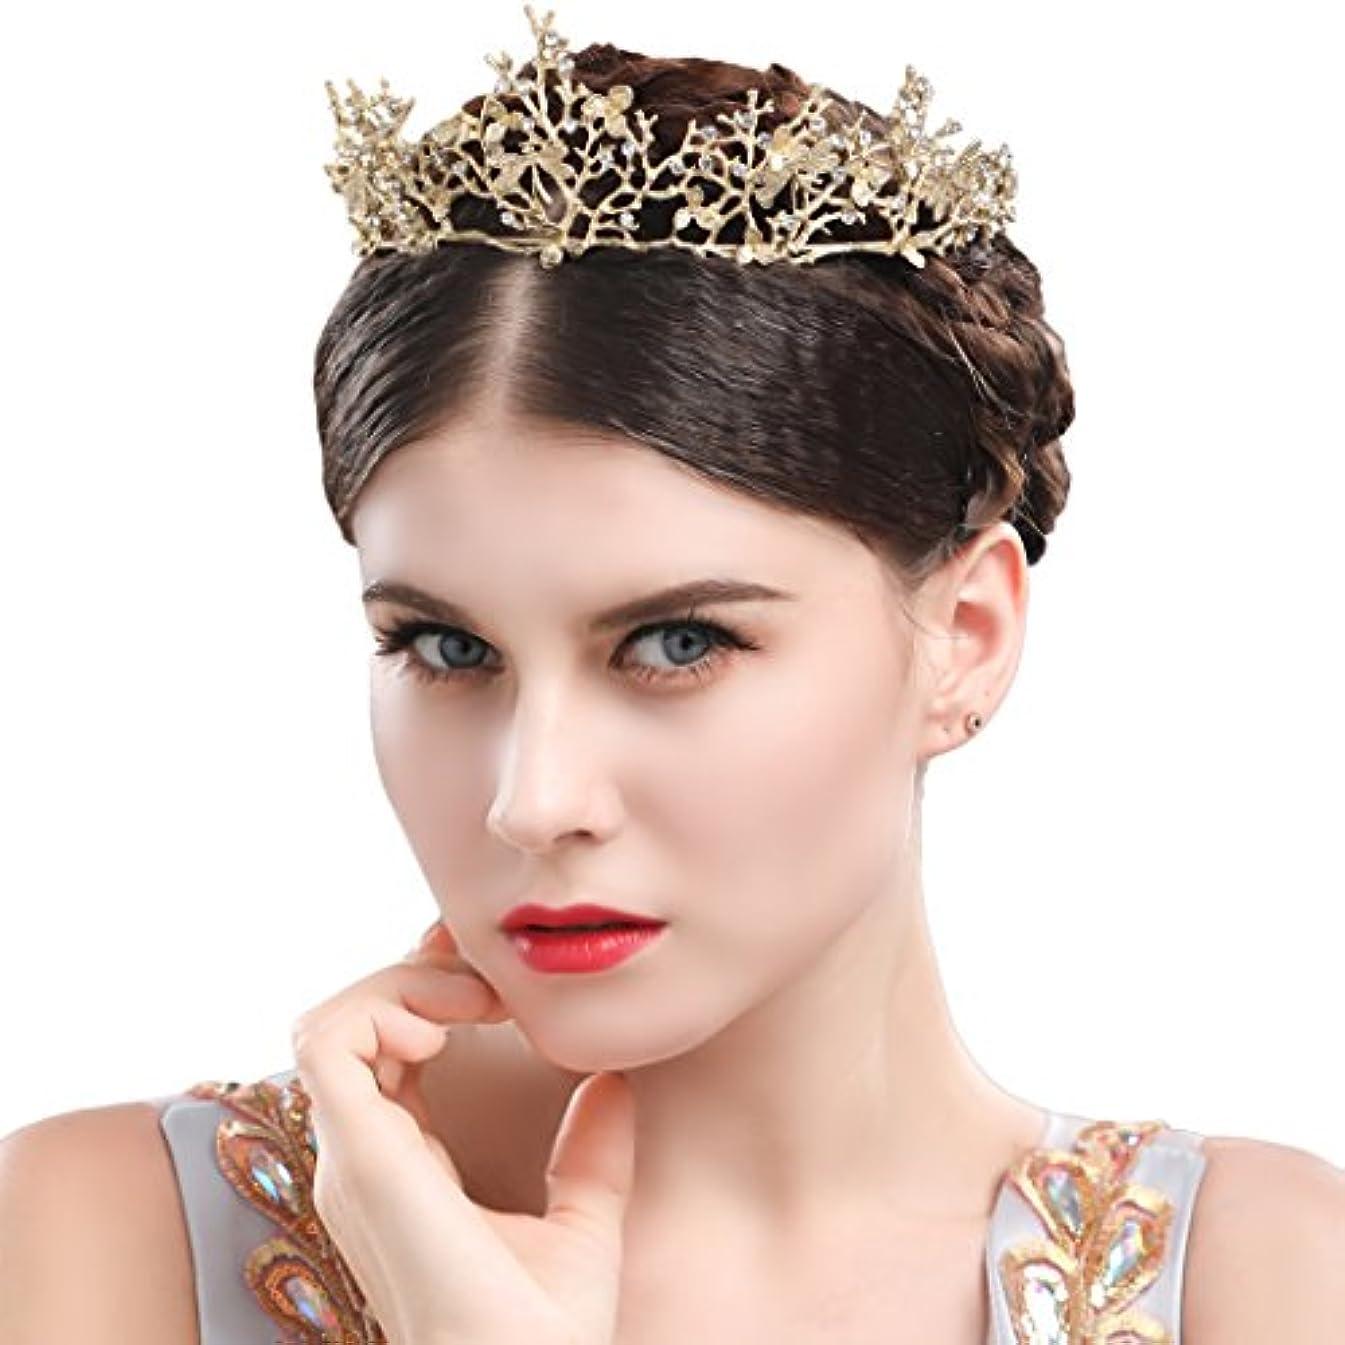 要塞チャネル過ちYeanティアラ 王冠 おうかん クラウン ヘアアクセサリー ゴールド レディース ガールズ 女性 プリンセス 結婚式 ウェディング 花嫁 披露宴 パーティー (Color-05)